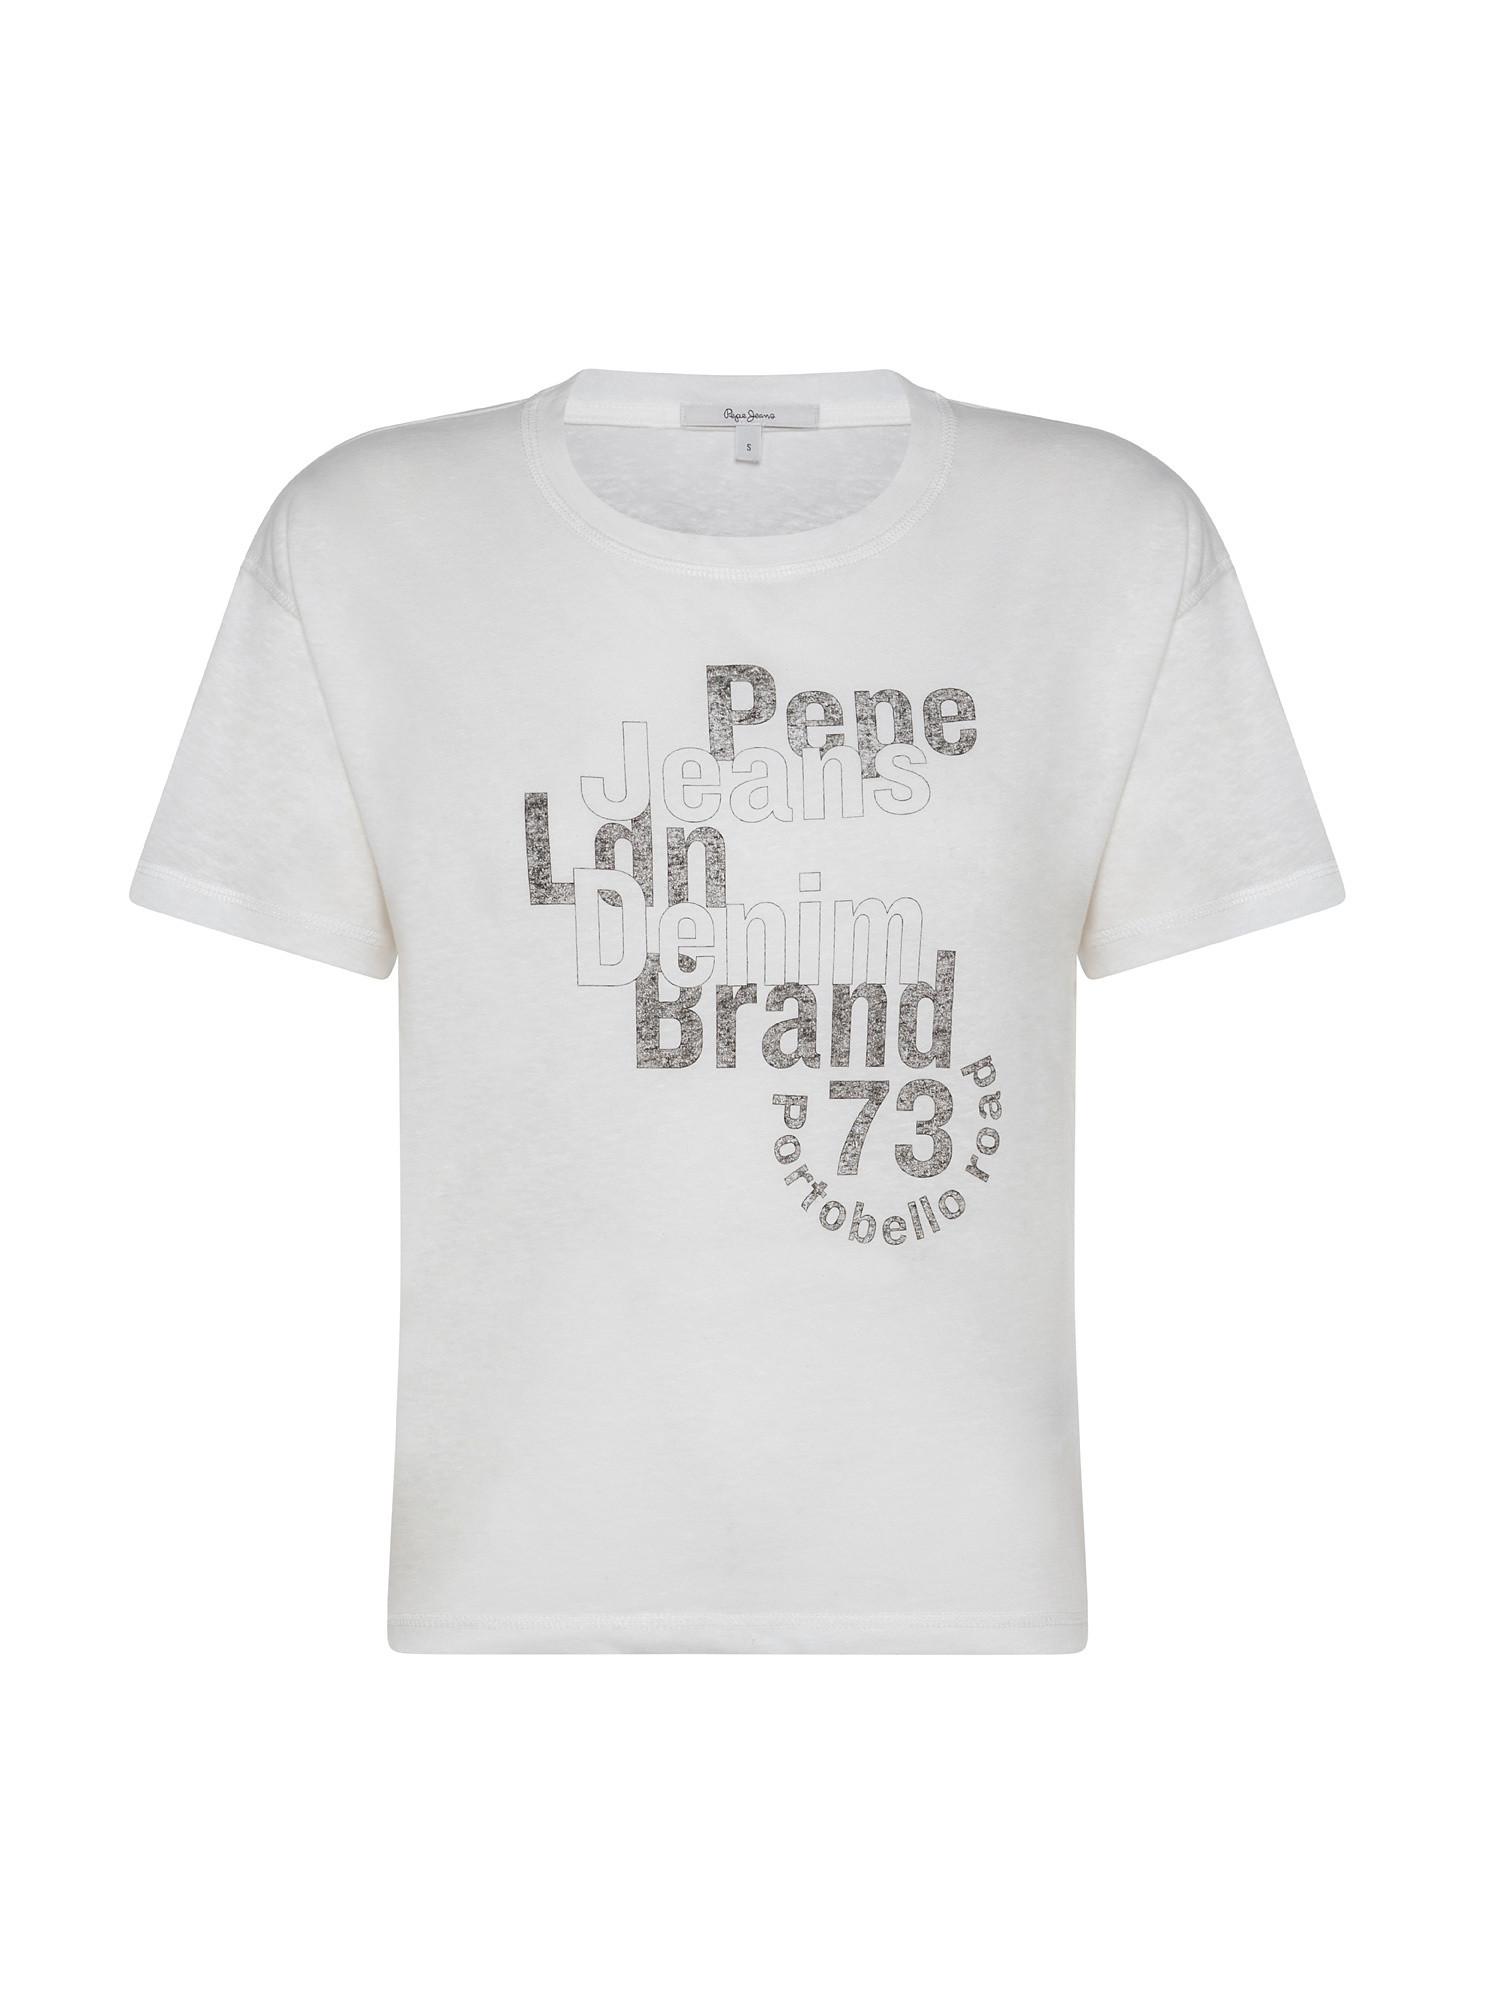 T-Shirt donna Amaya, Beige, large image number 0